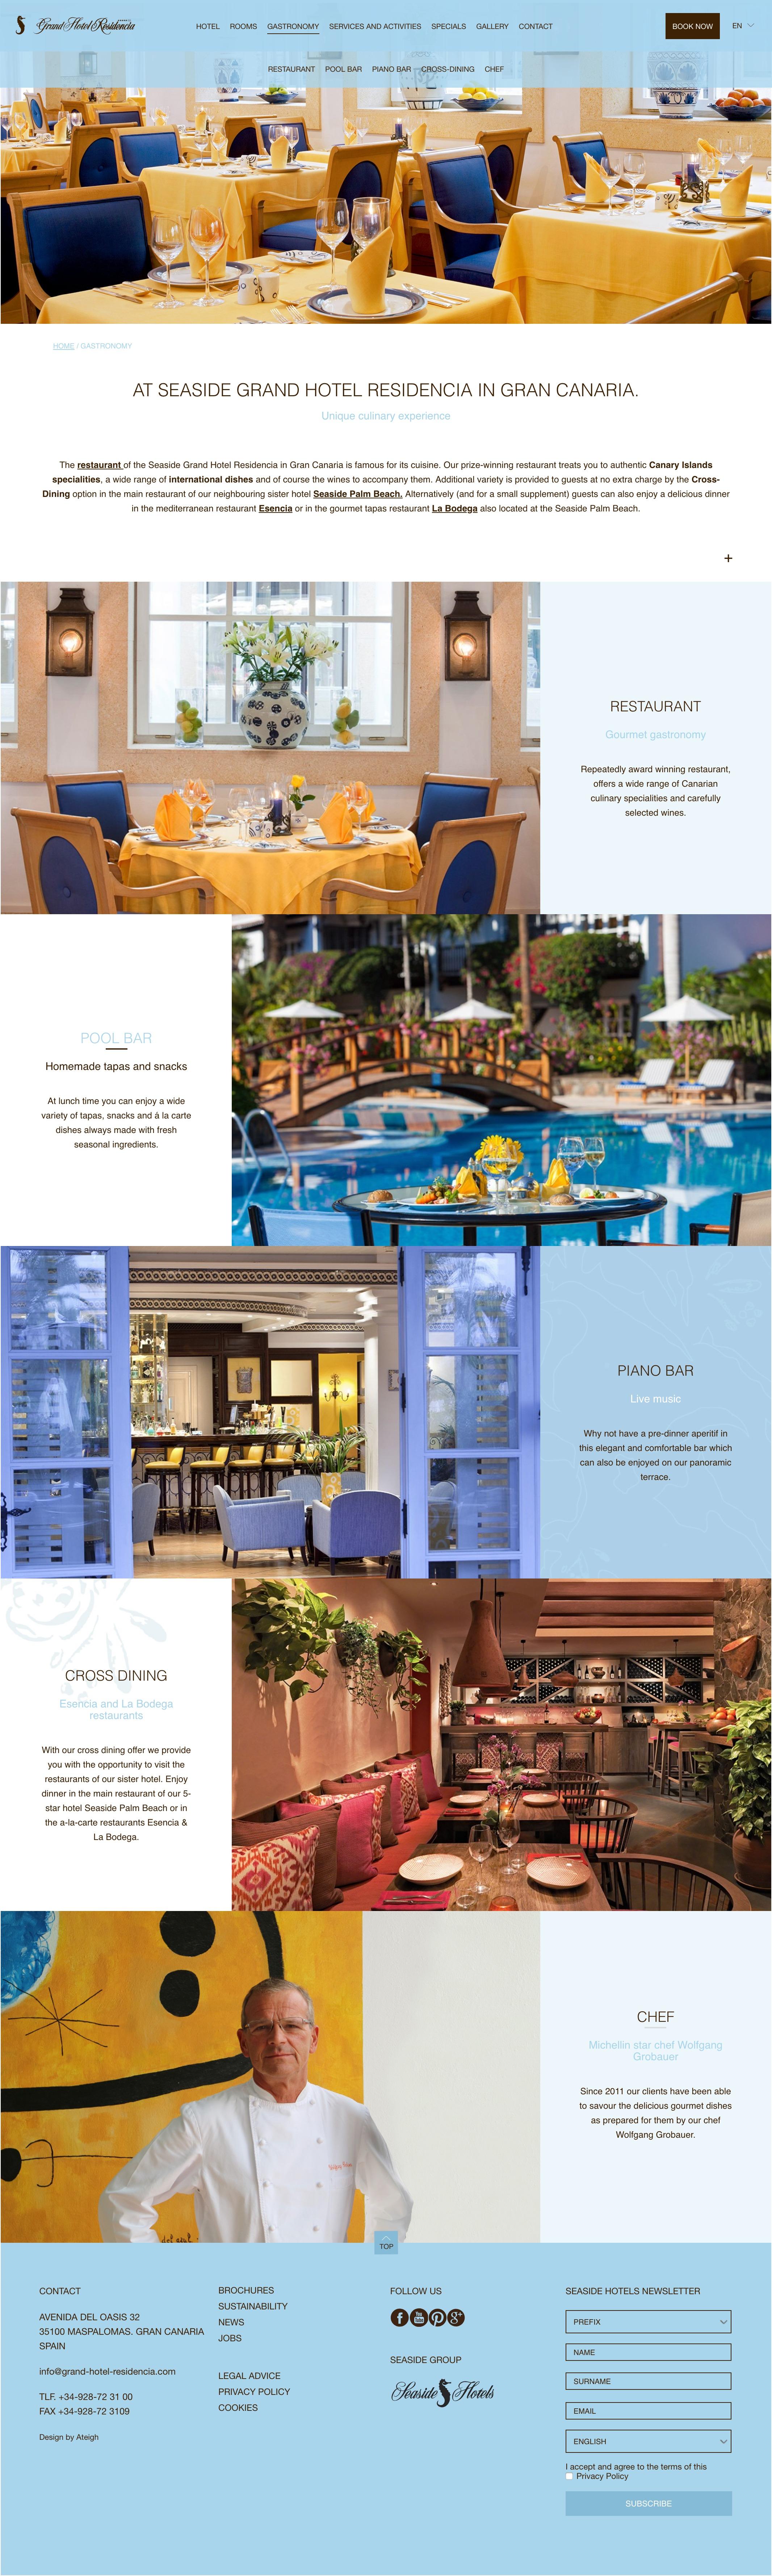 Apartado de Gastronomía en Seaside Grand Hotel Residencia